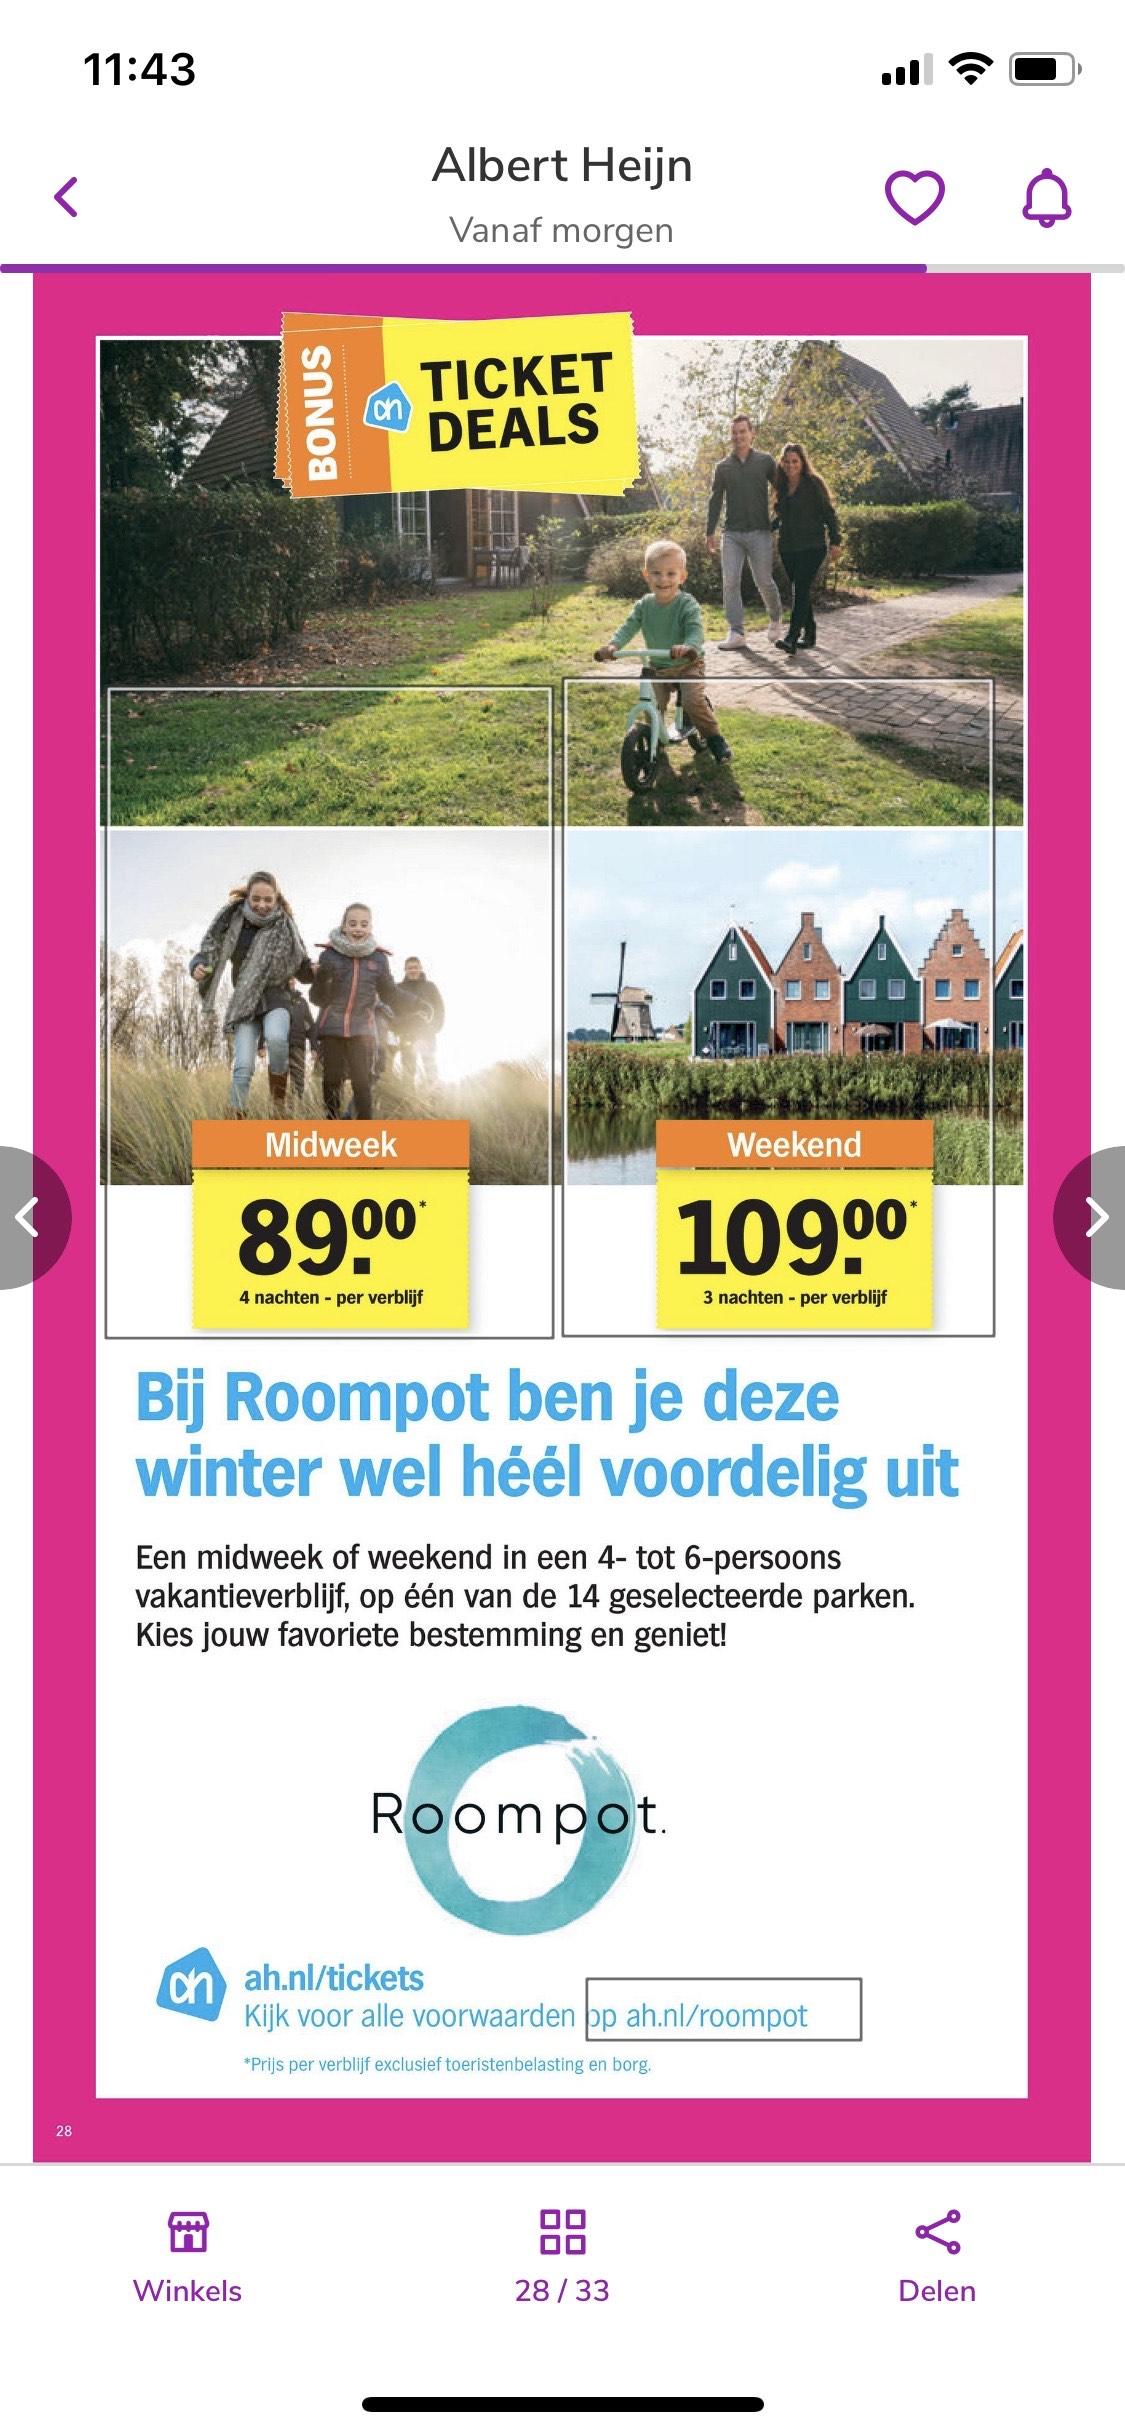 Roompot midweek voor €89,- of weekend voor €109,- @AH